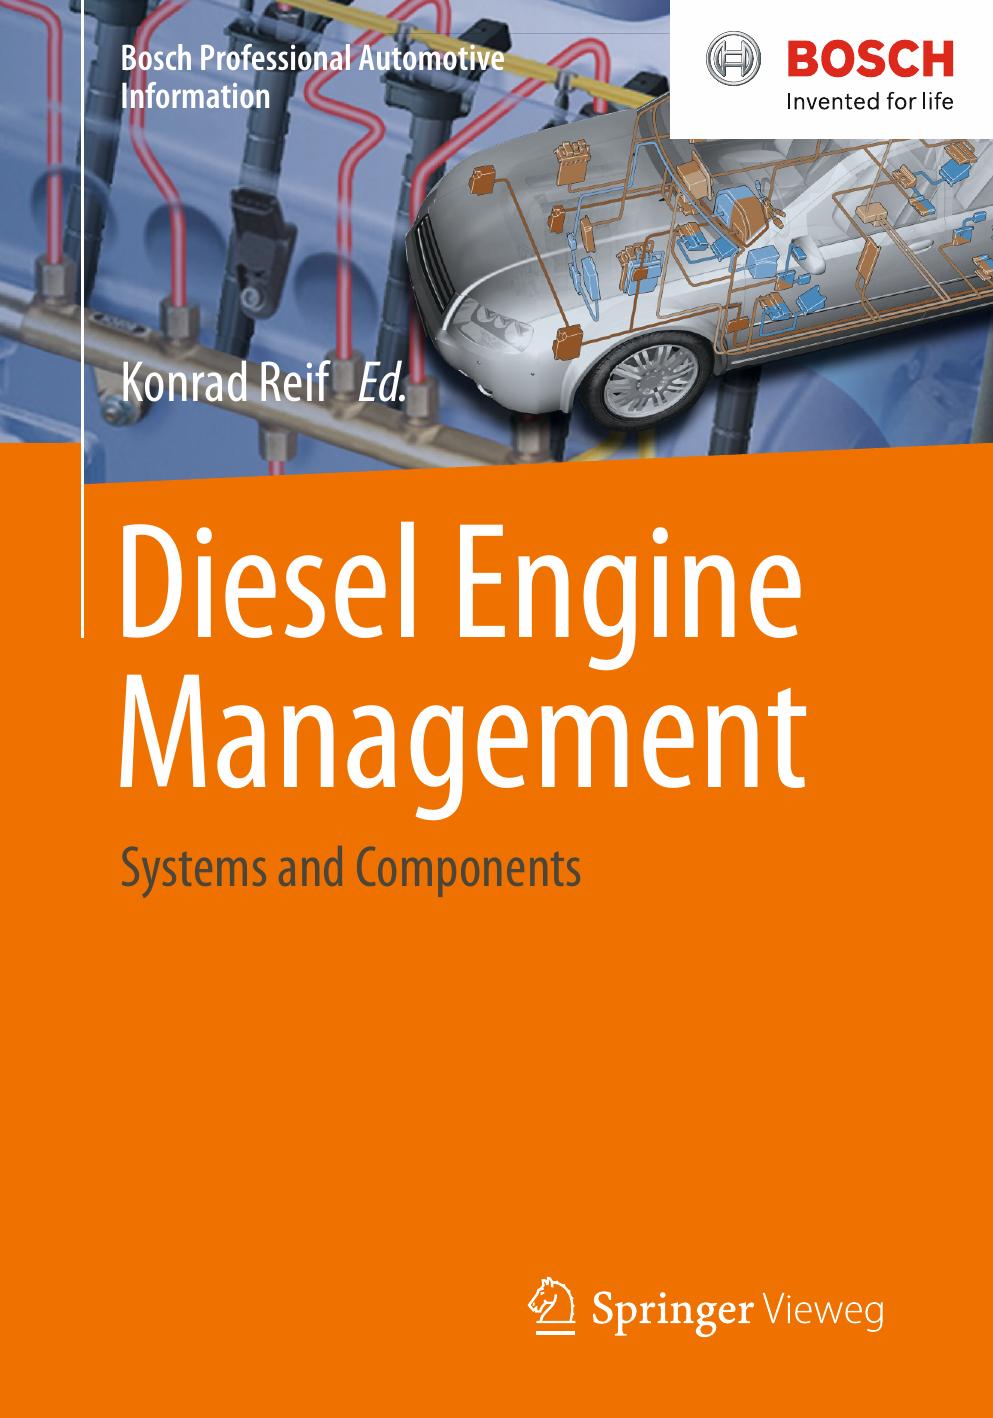 Konrad Reif Ed  Systems and Components | manualzz com